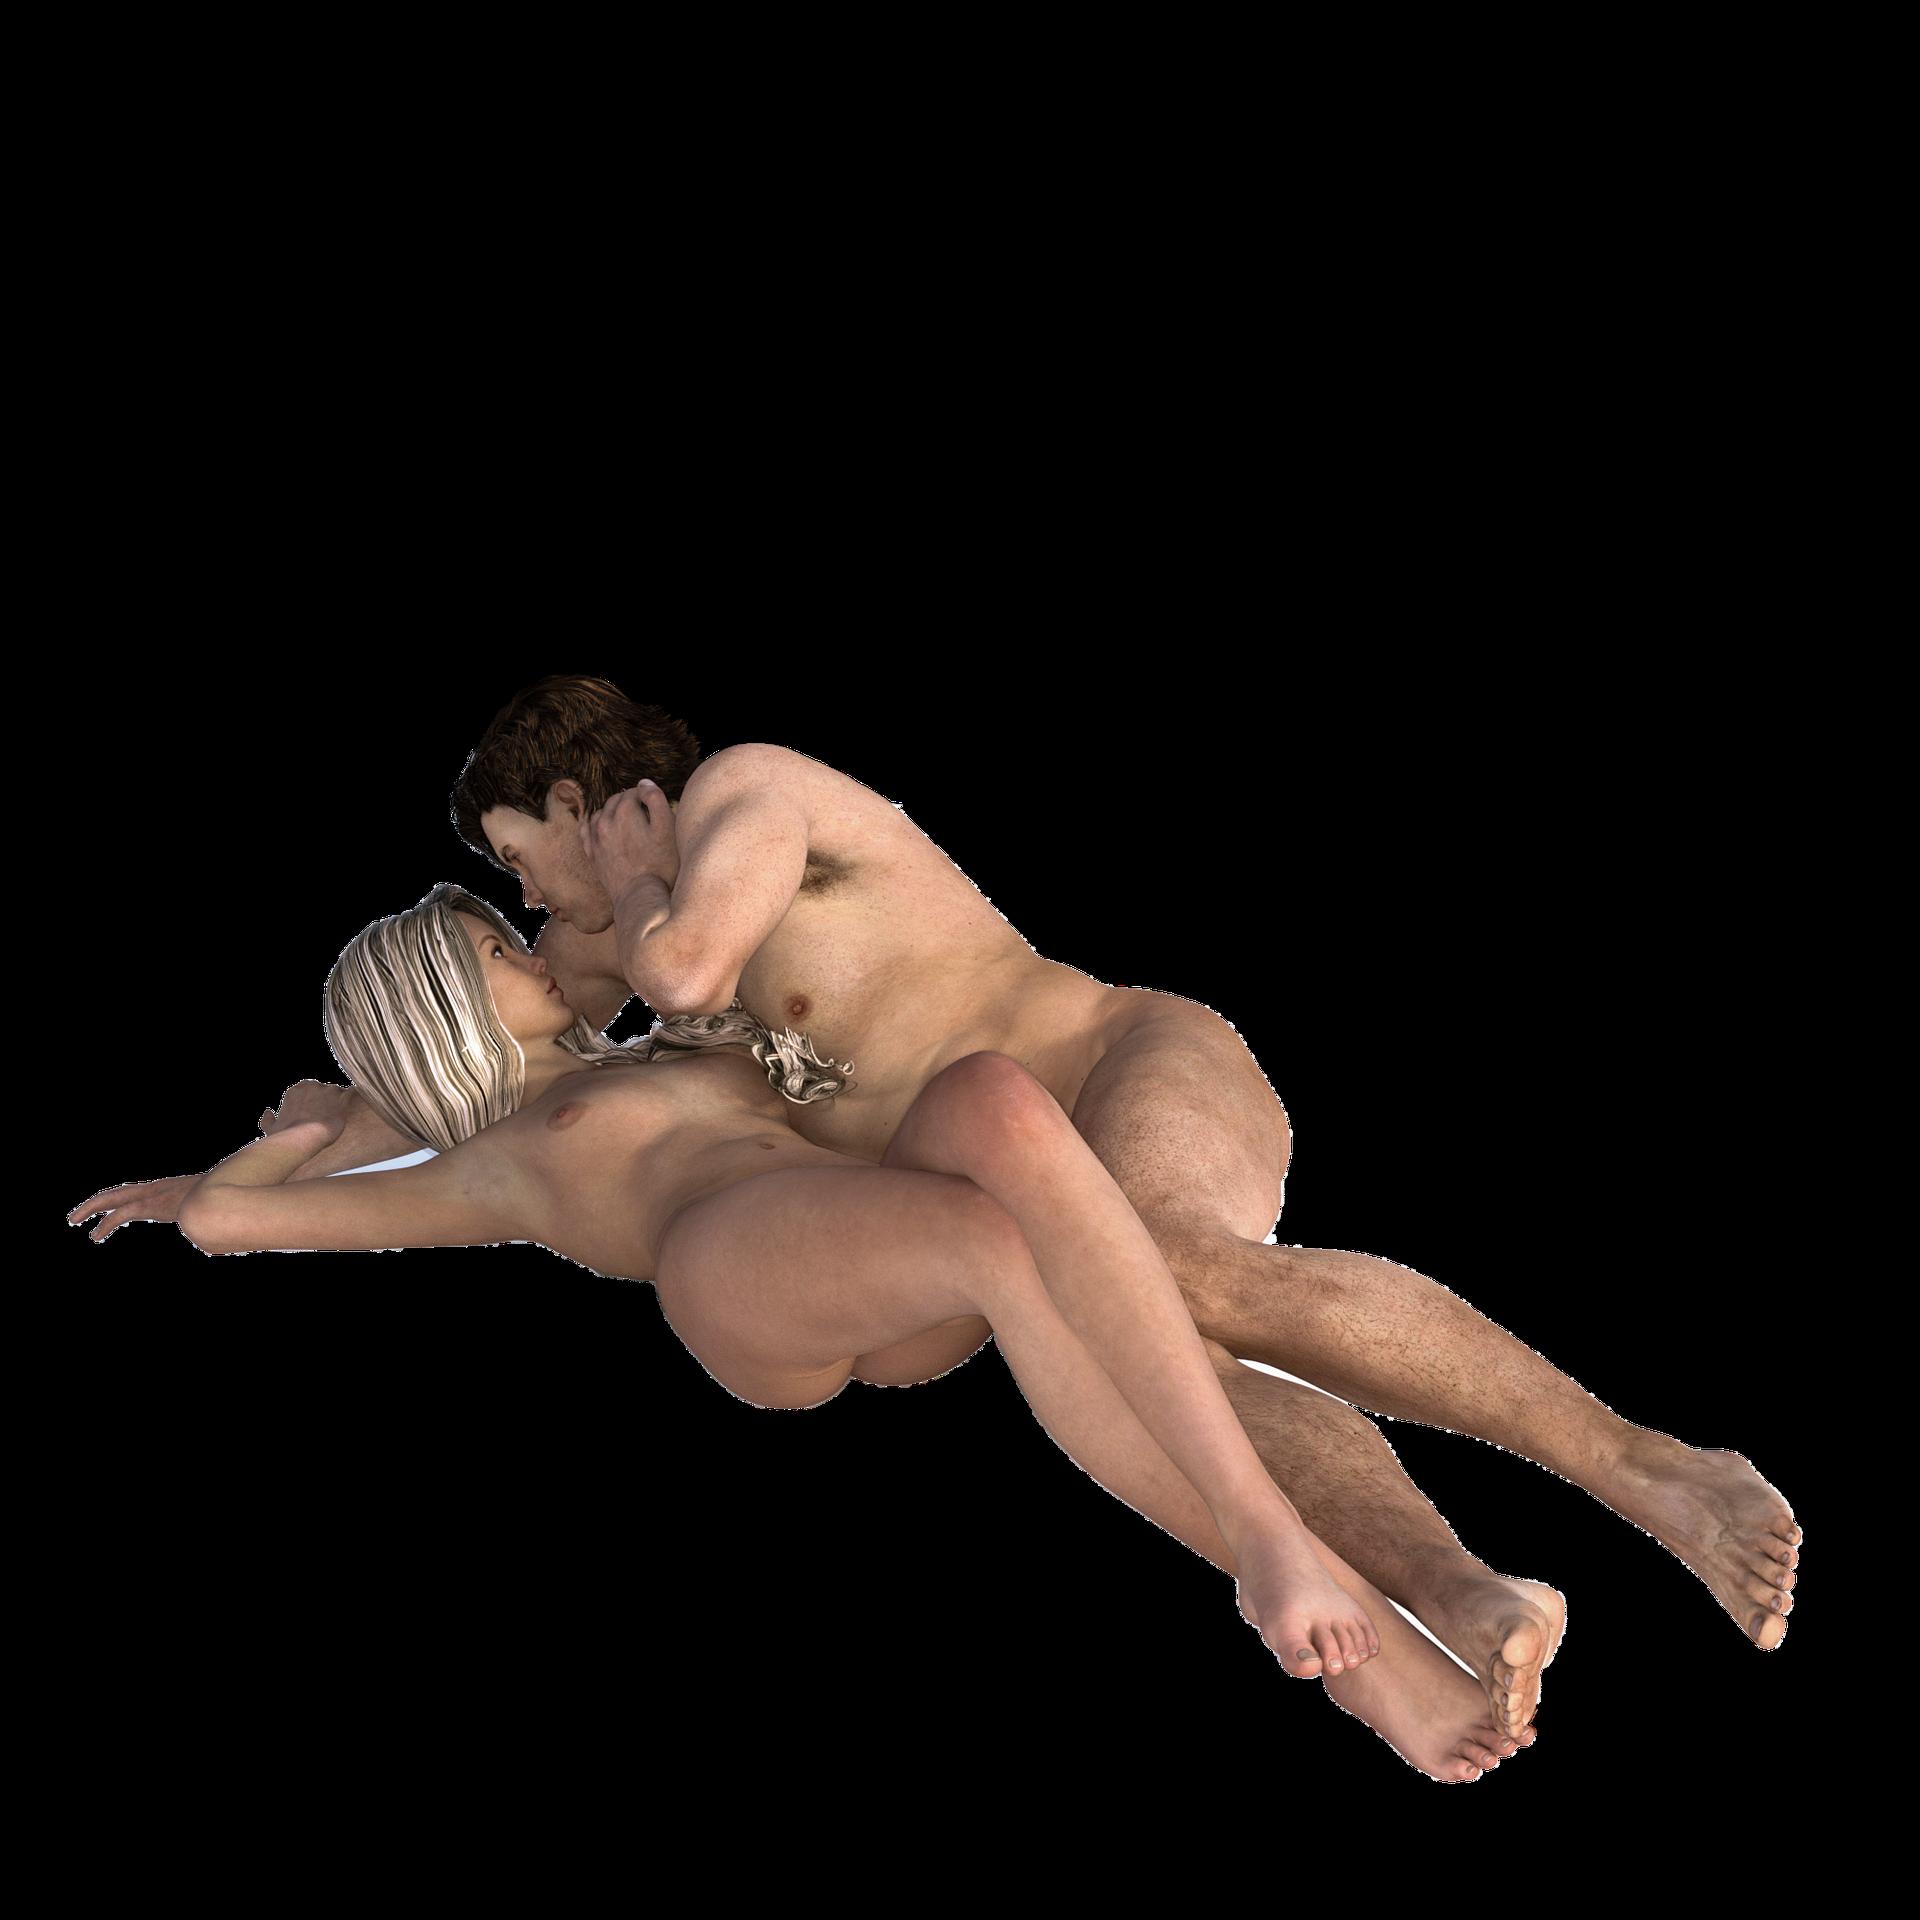 Sexpartner finden